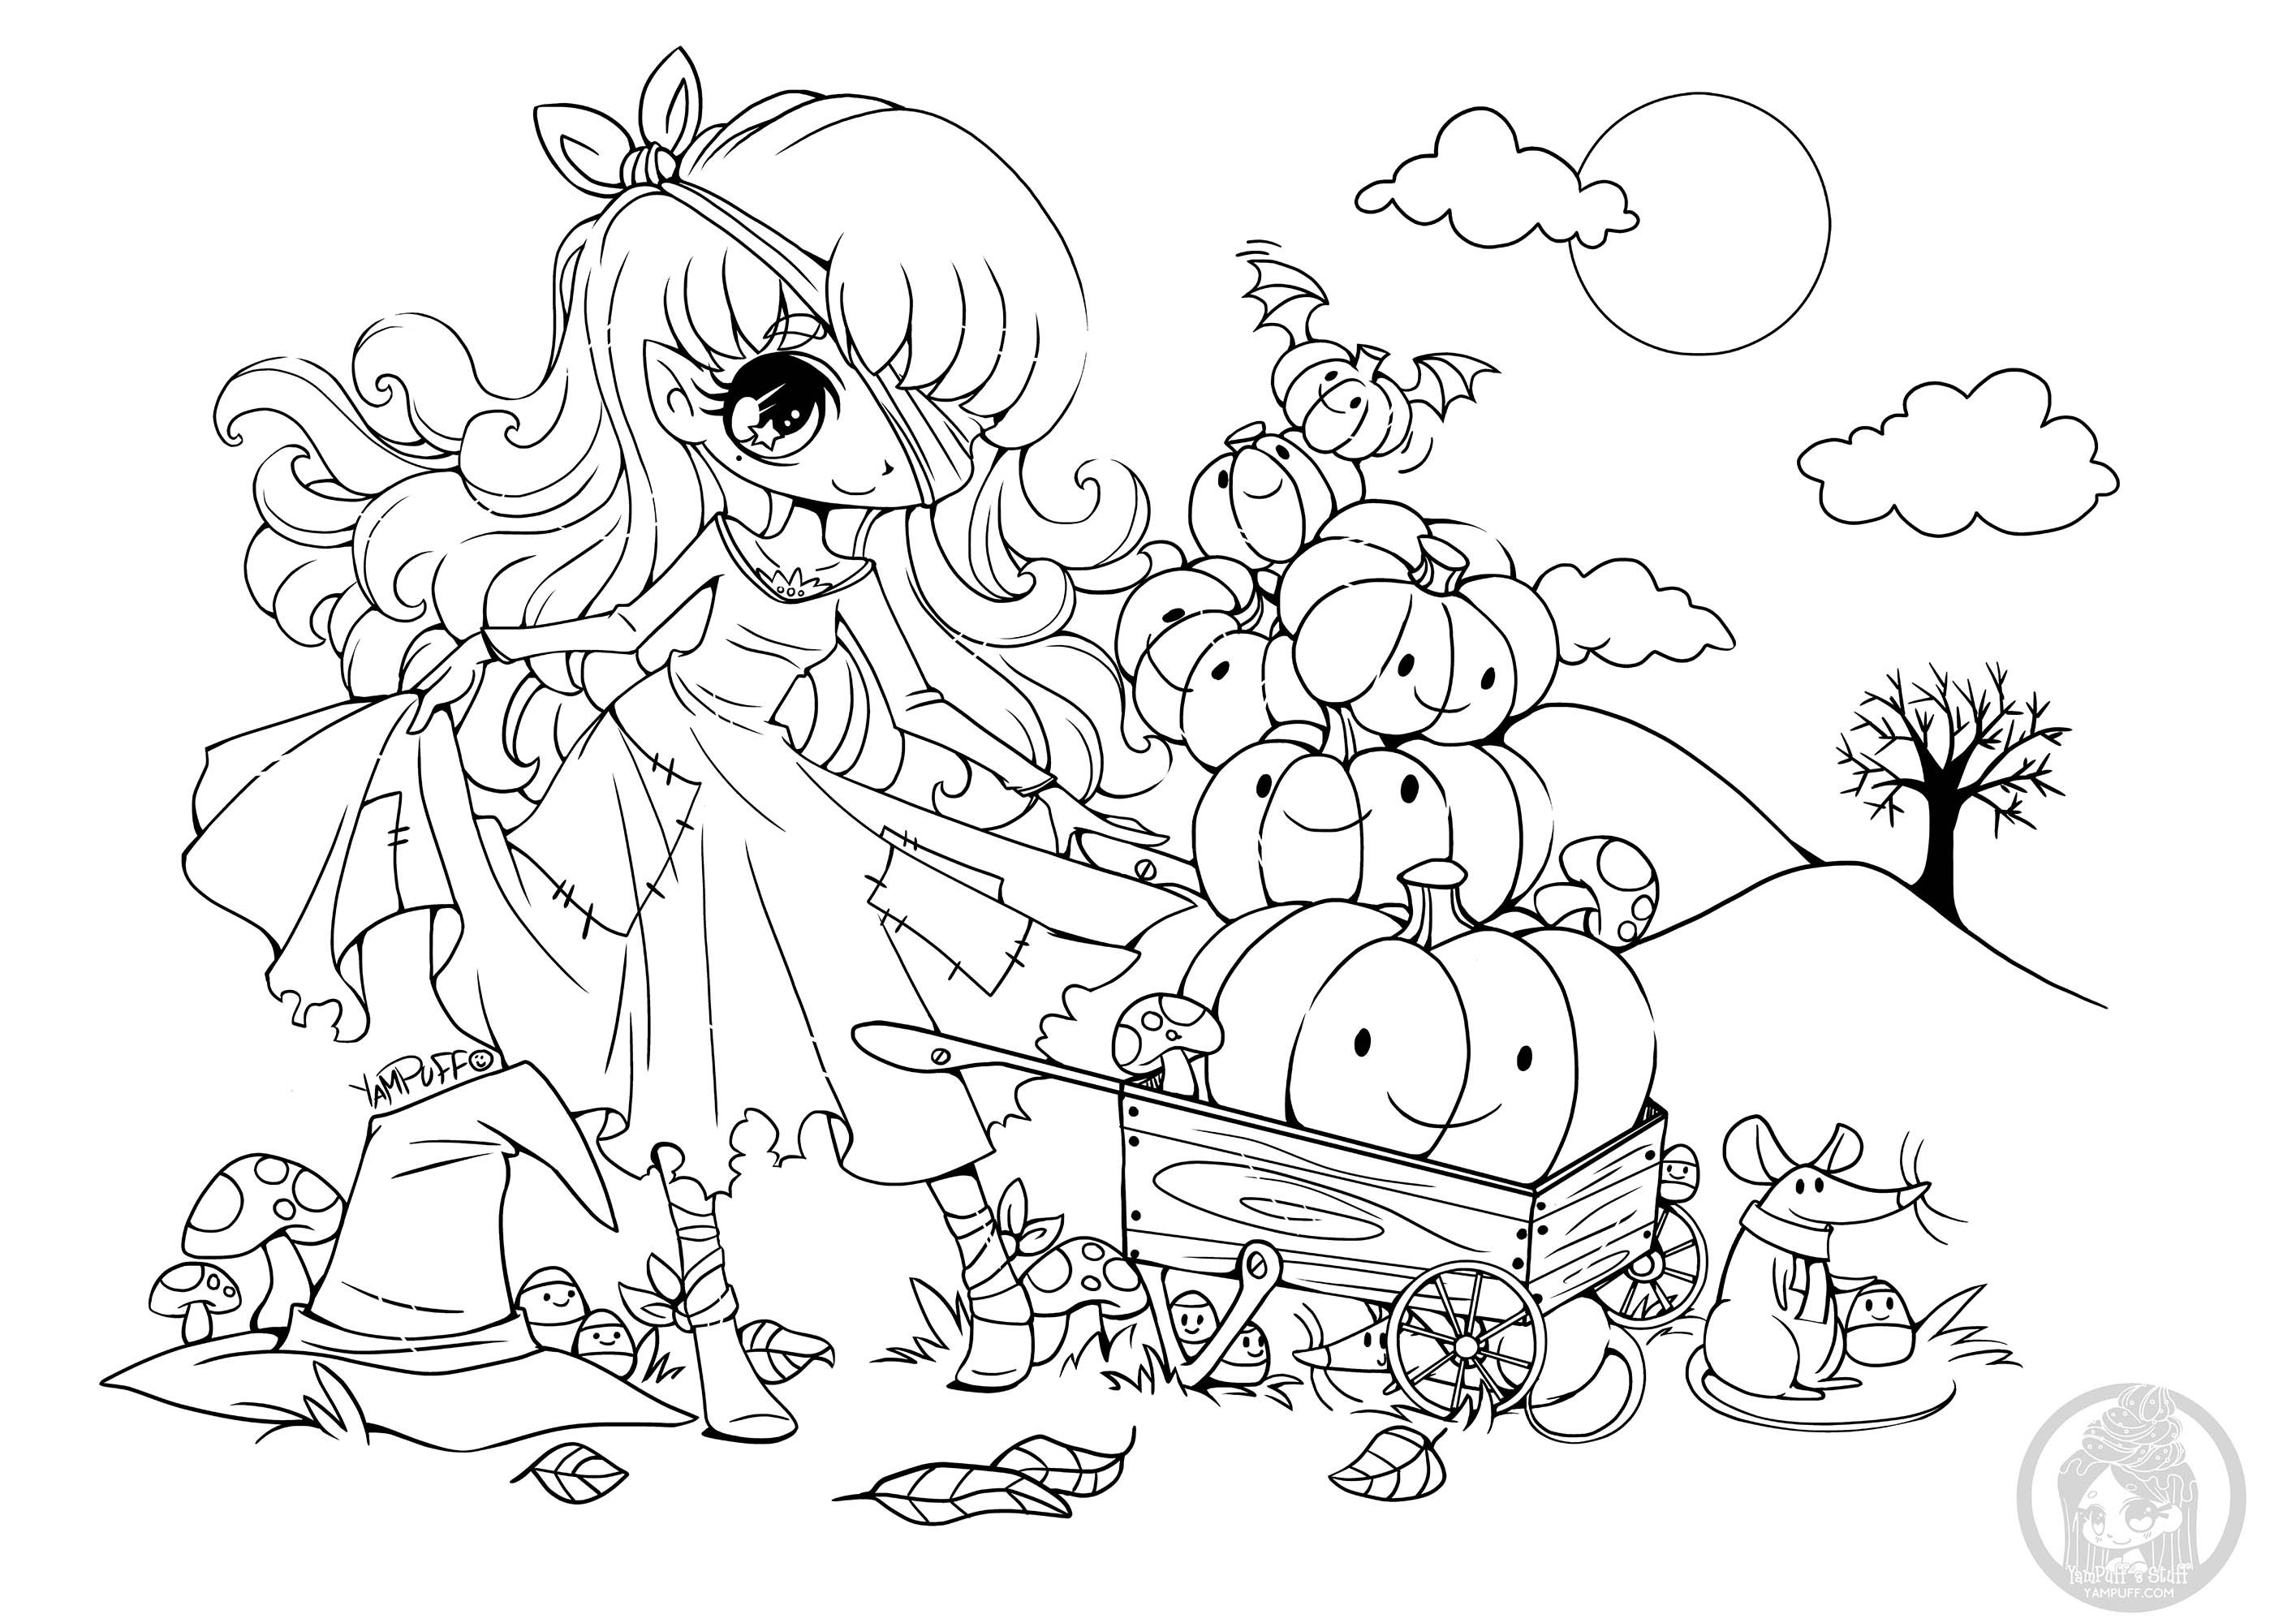 Disegni da Colorare per Adulti : Halloween - 1